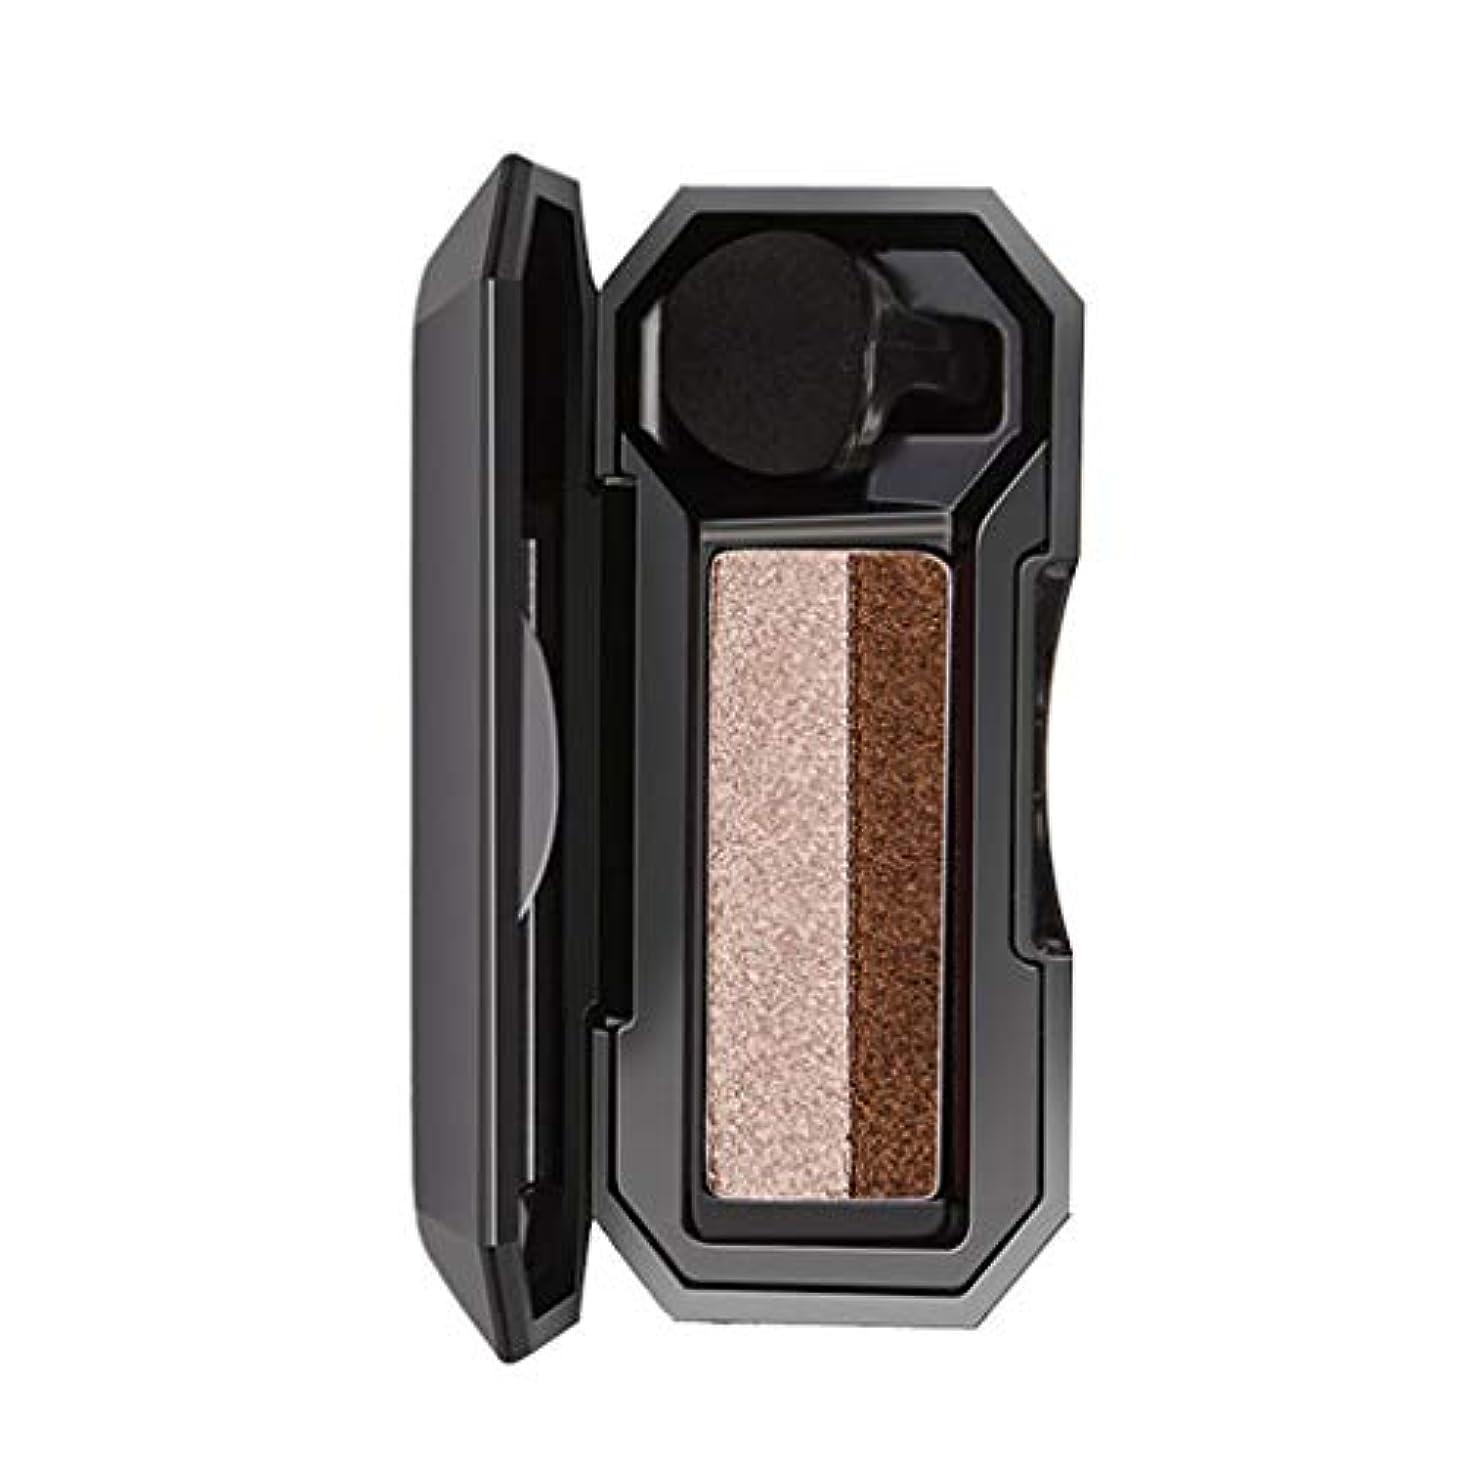 内なるルー旅行シマー2色スタンプアイシャドウパレット化粧パウダー柔軟性持続